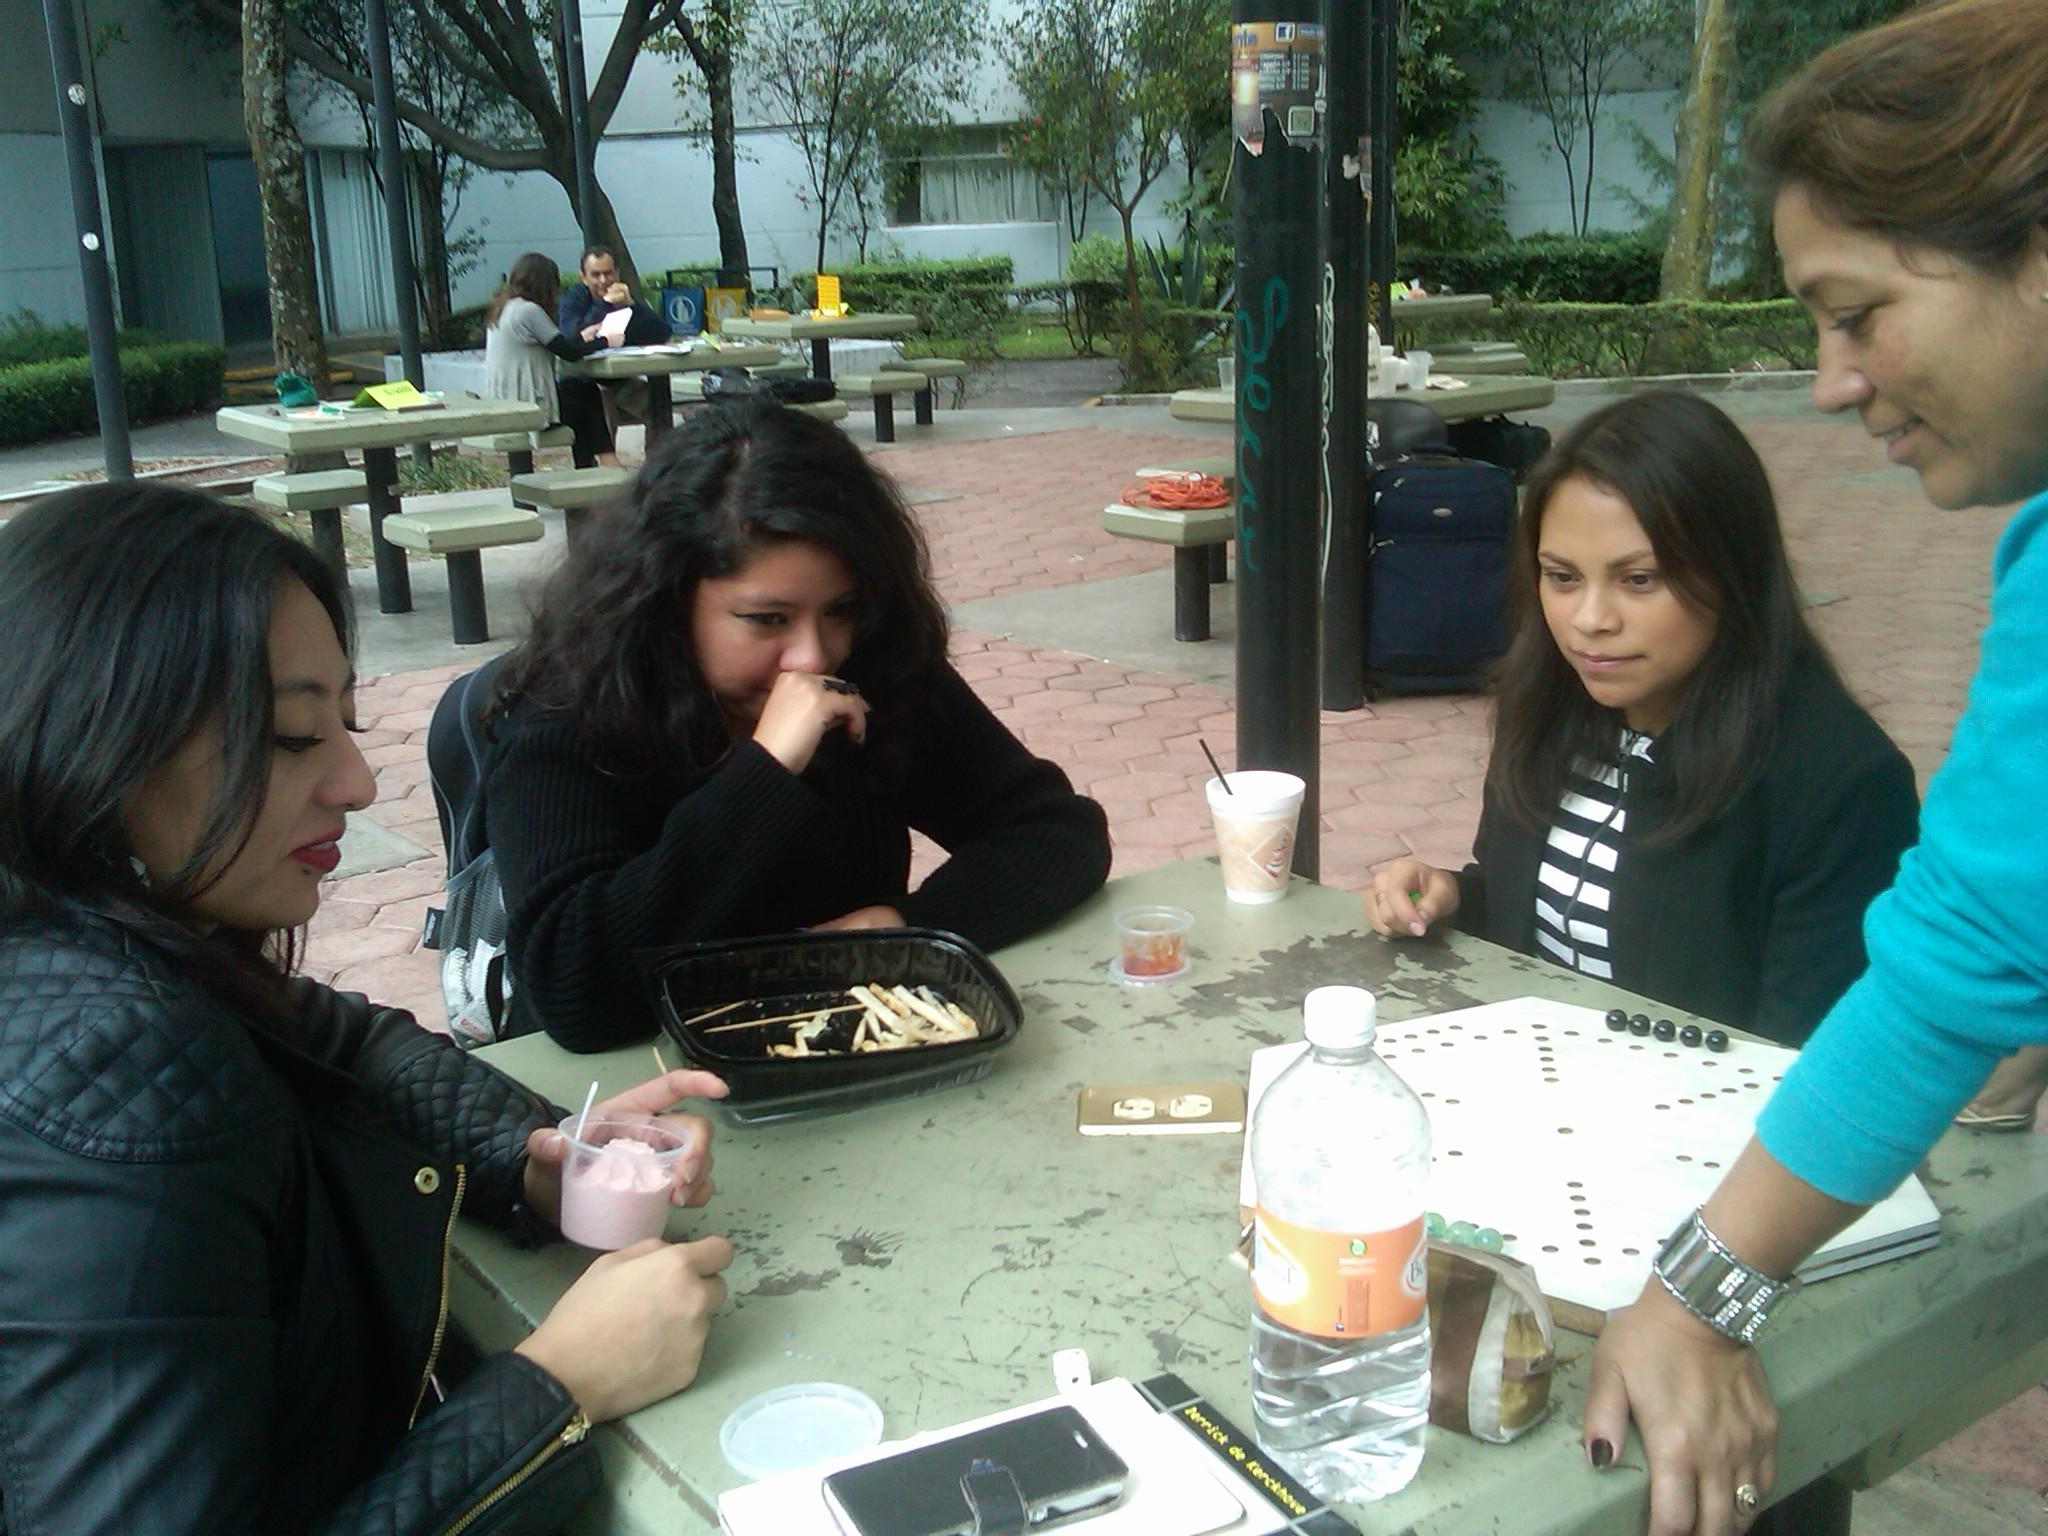 Juegos_para_lograr_la_paz,_Facultad_de_Ciencias_Políticas_y_Sociales-UNAM_1